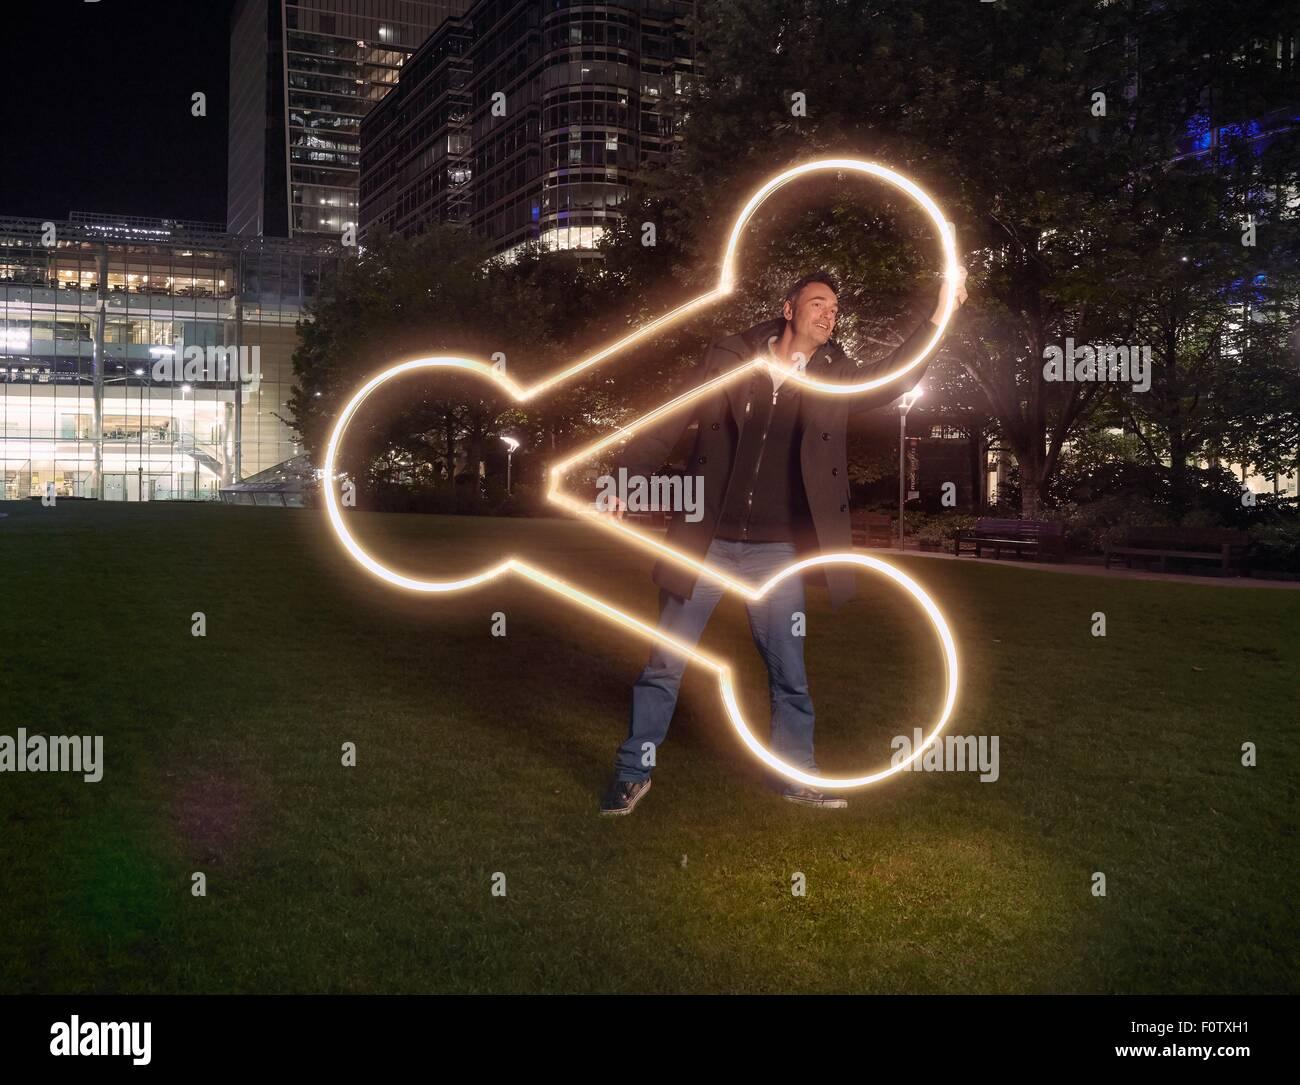 La peinture de l'artiste partager bureau extérieur symbole building at night Banque D'Images